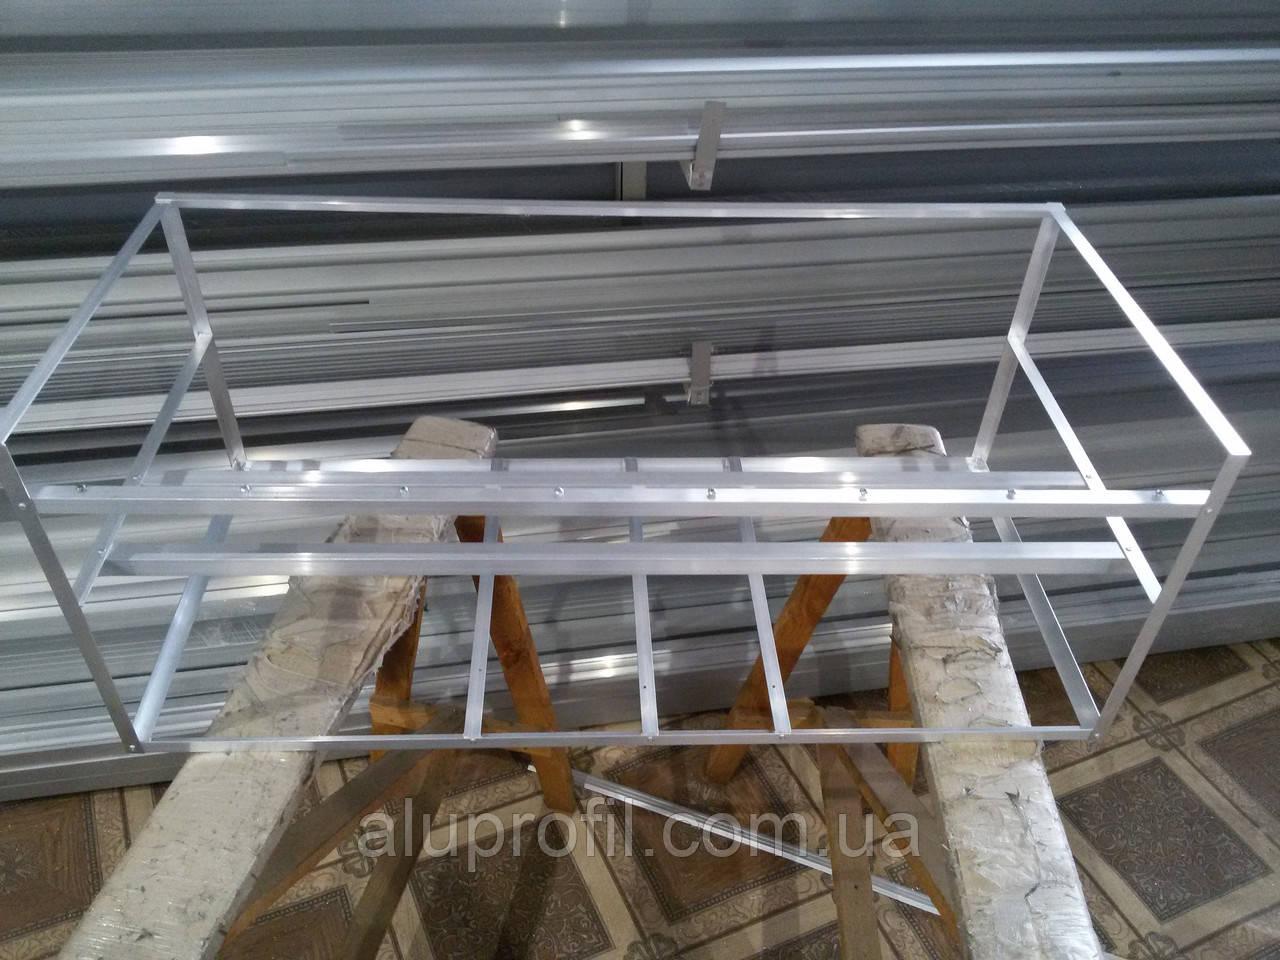 Алюминиевый профиль - каркас фермы для майнинга на 8 видеокарт (усиленный), фото 1